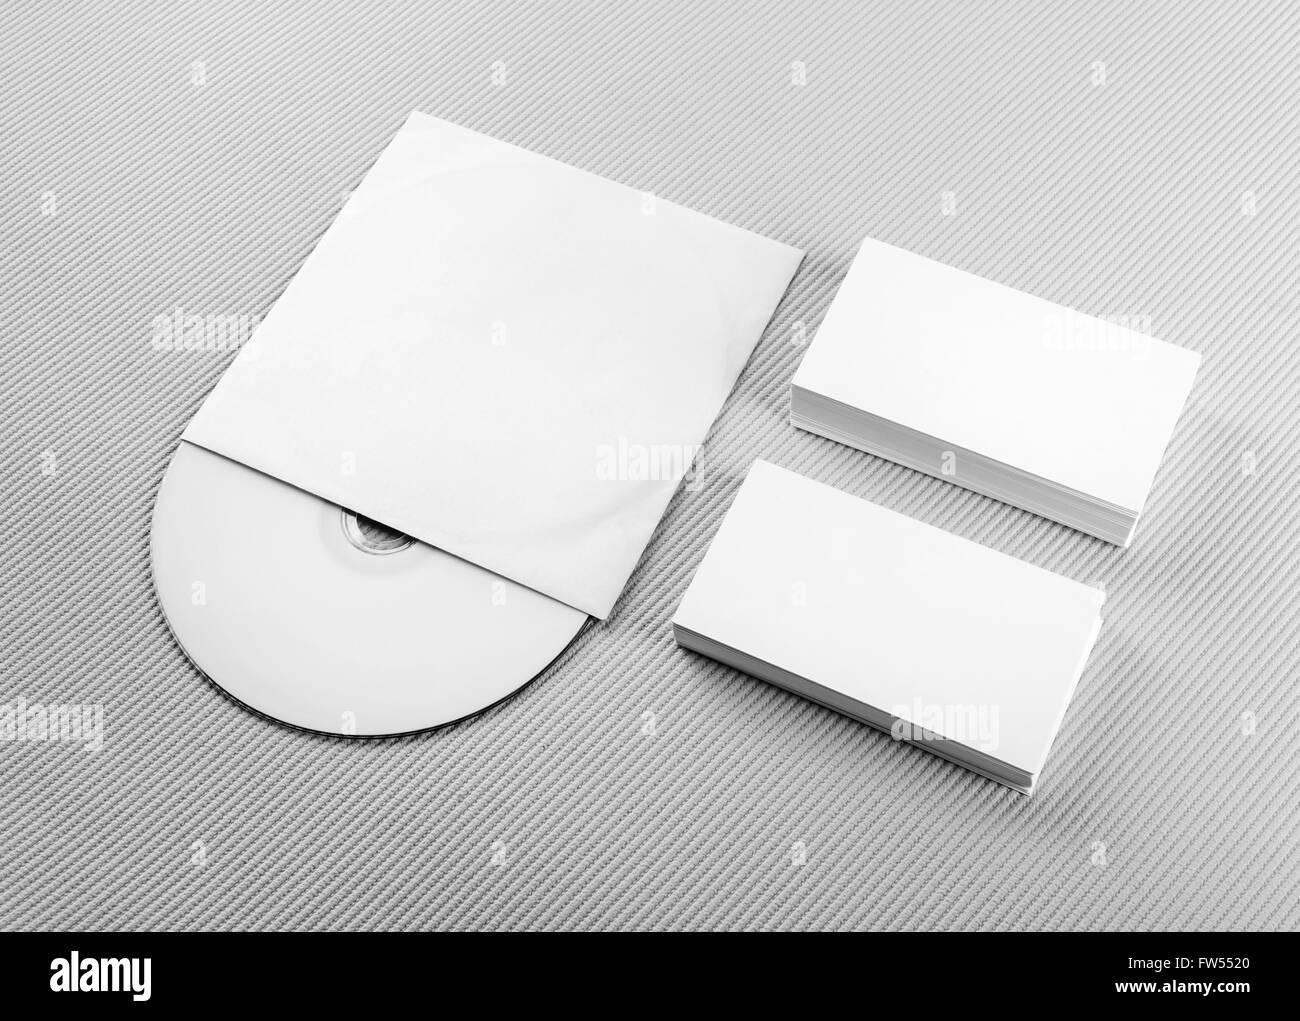 Les Cartes De Visite Et CD Vierges Sur Fond Gris Pour Concevoir Des Presentations Portefeuilles Lidentite Marque La Maquette